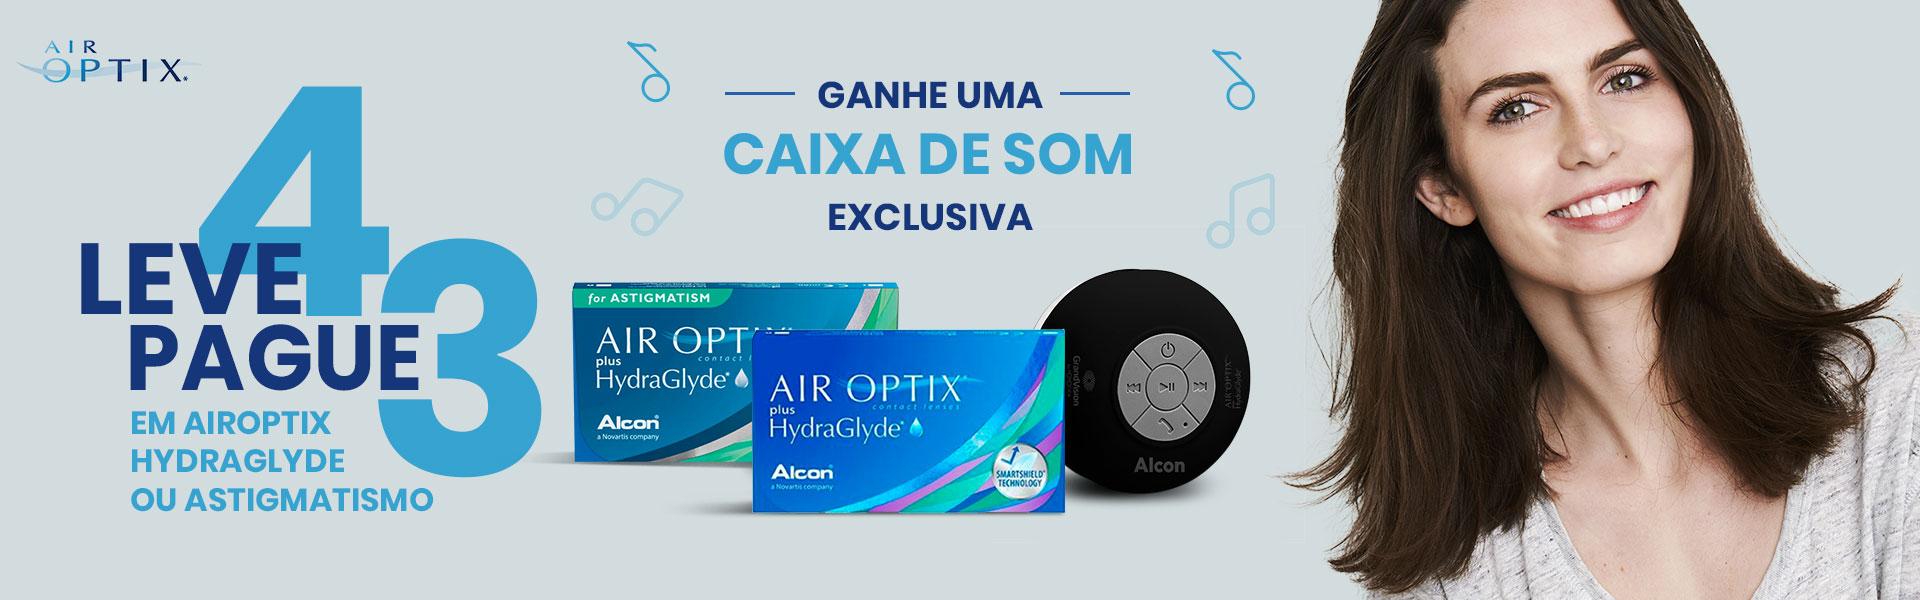 Banner - Airoptix-Som